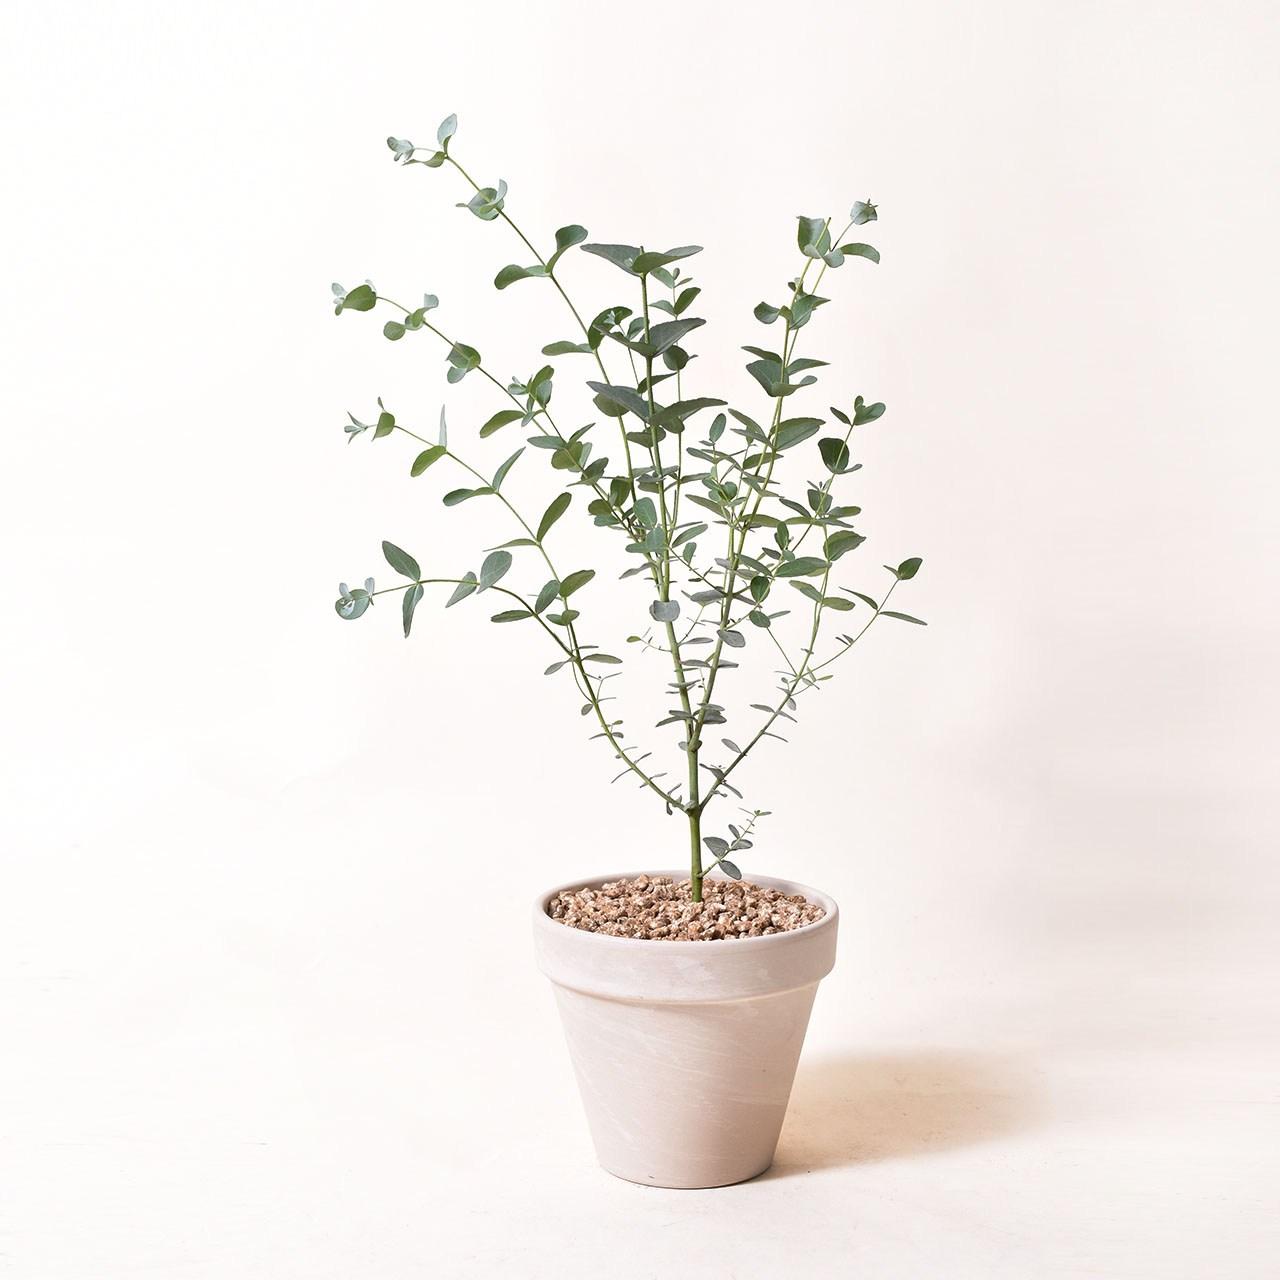 필플랜트 인테리어식물 공기정화식물 마오리소포라 율마 스투키 문샤인 유칼립투스 올리브나무, 1개, 2.유칼립투스+독일토분 화이트크림